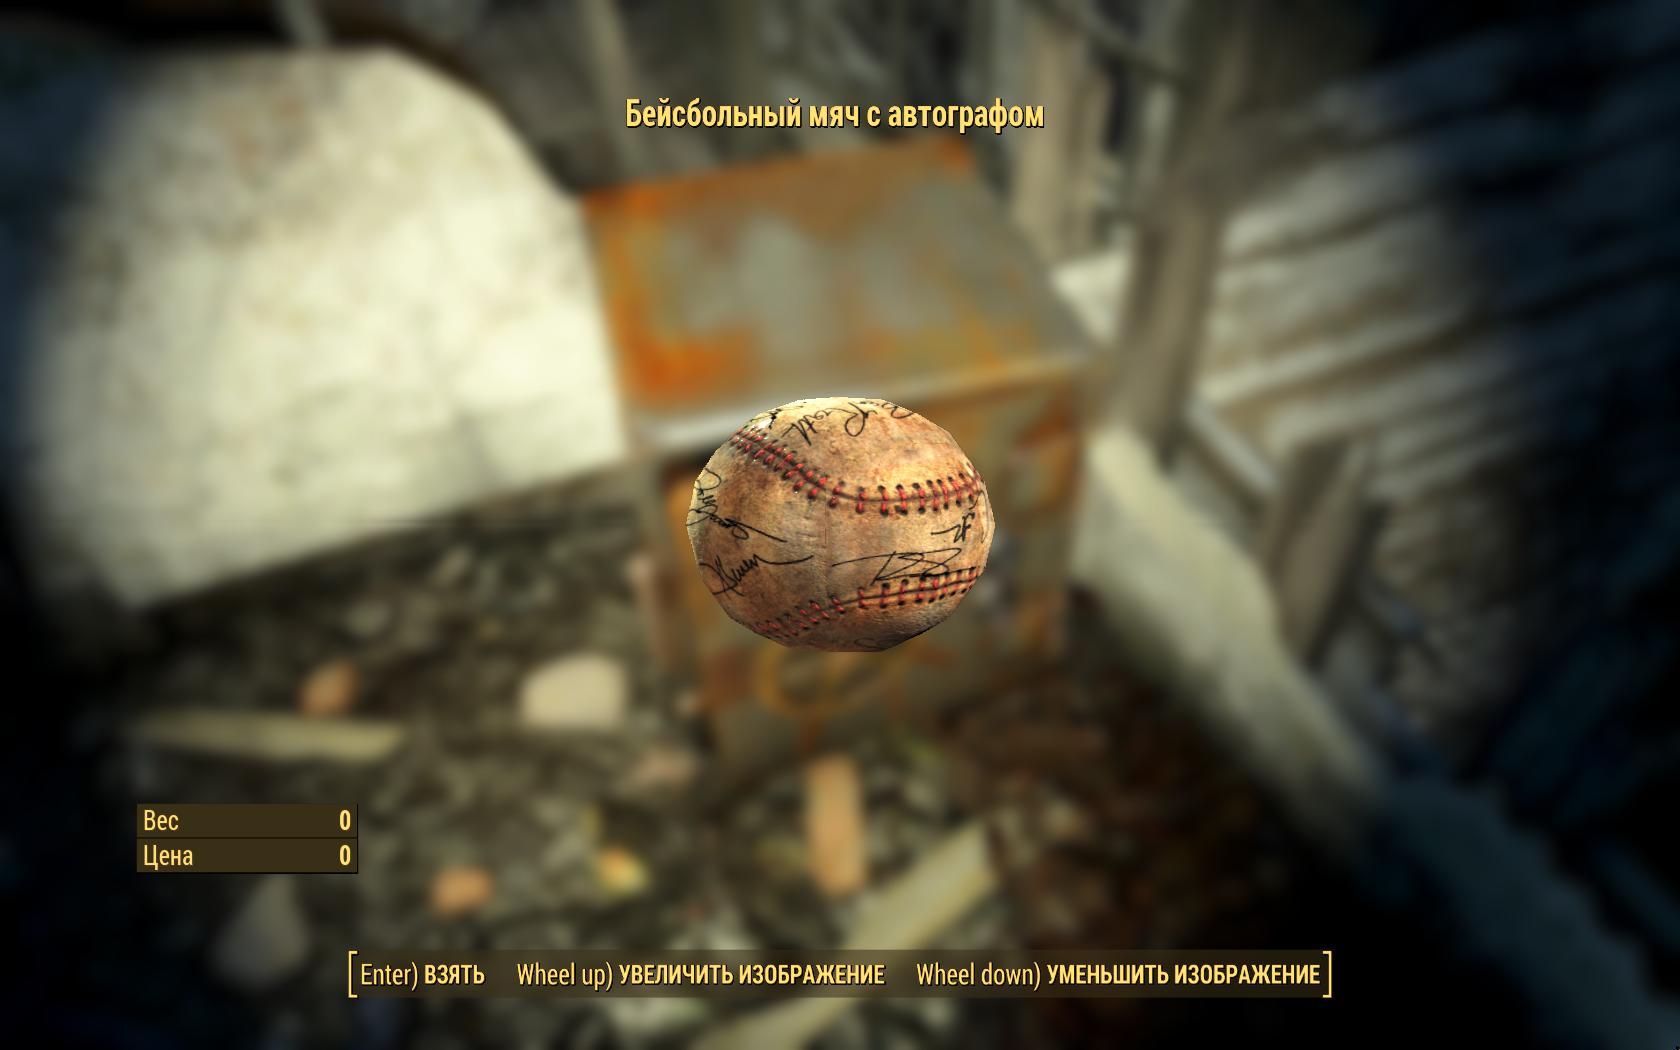 Бейсбольный мяч с автографом (Усадьба Вестингов) - Fallout 4 автограф, Бейсбольный, Вестинги, мяч, Усадьба